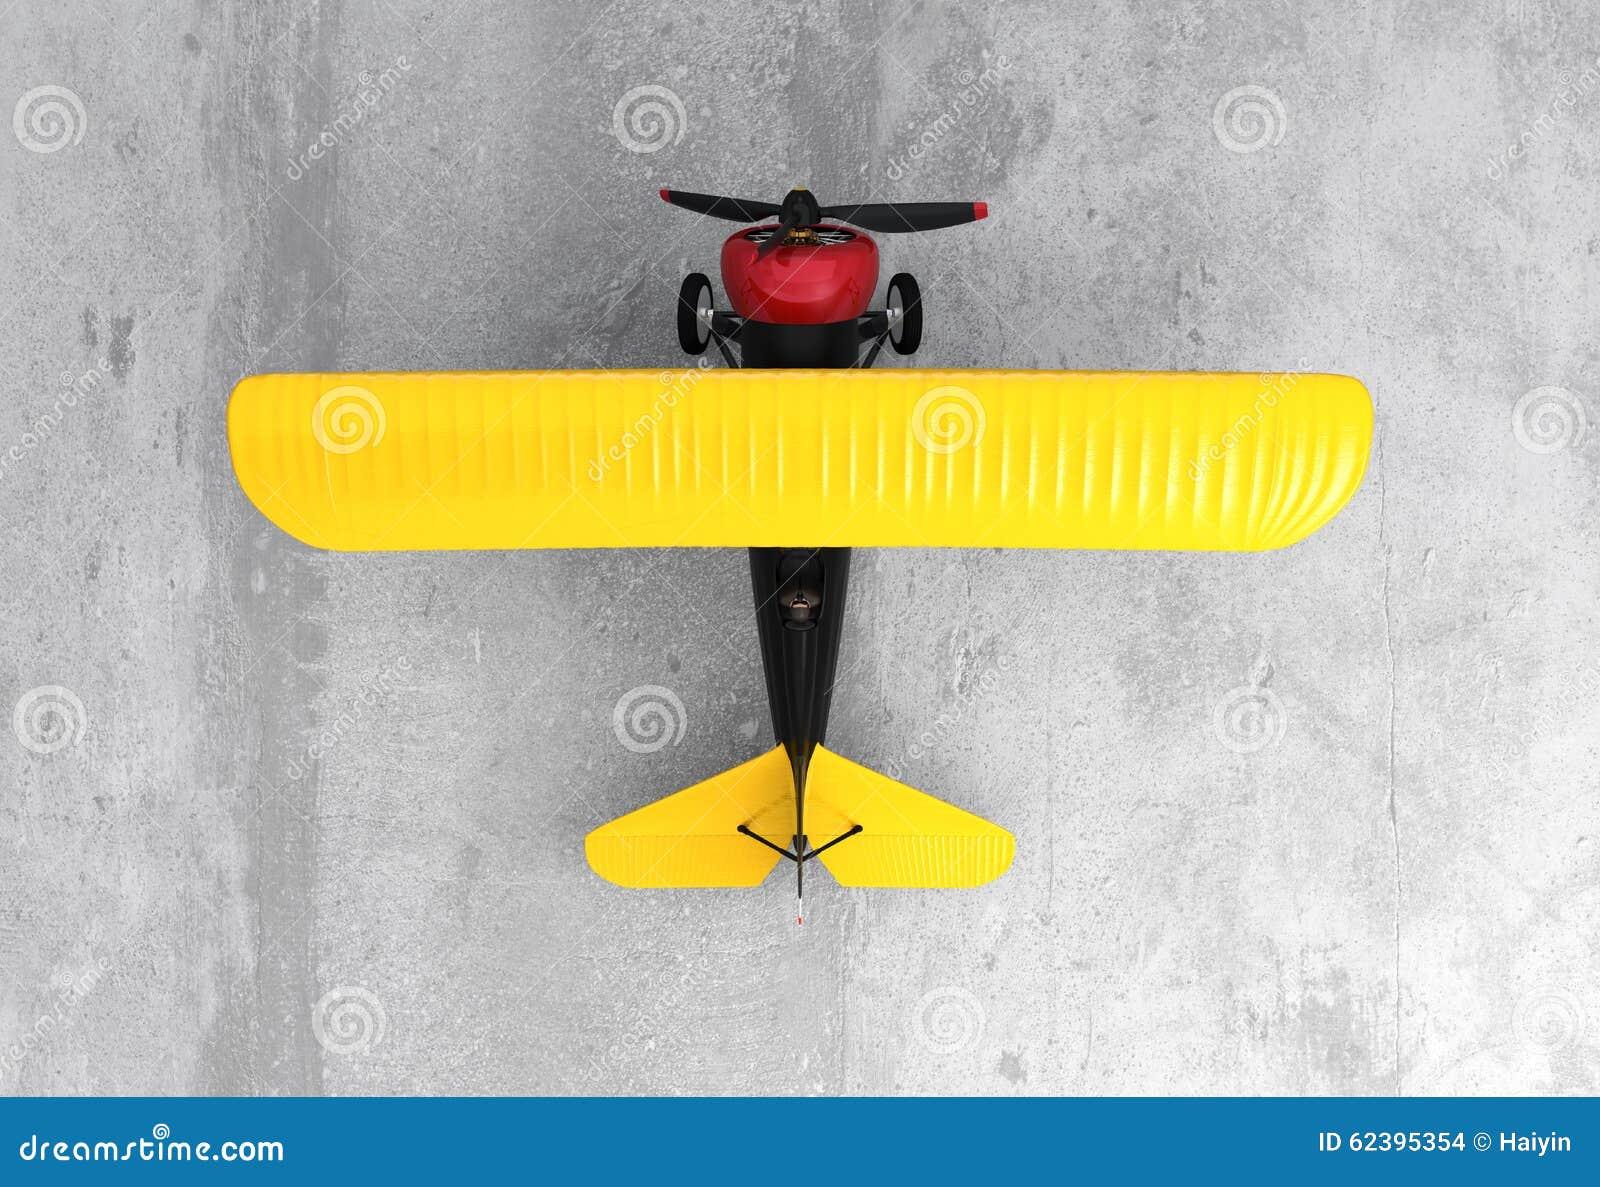 Oberseitenansicht eines gelben und schwarzen Doppeldeckers auf dem Boden